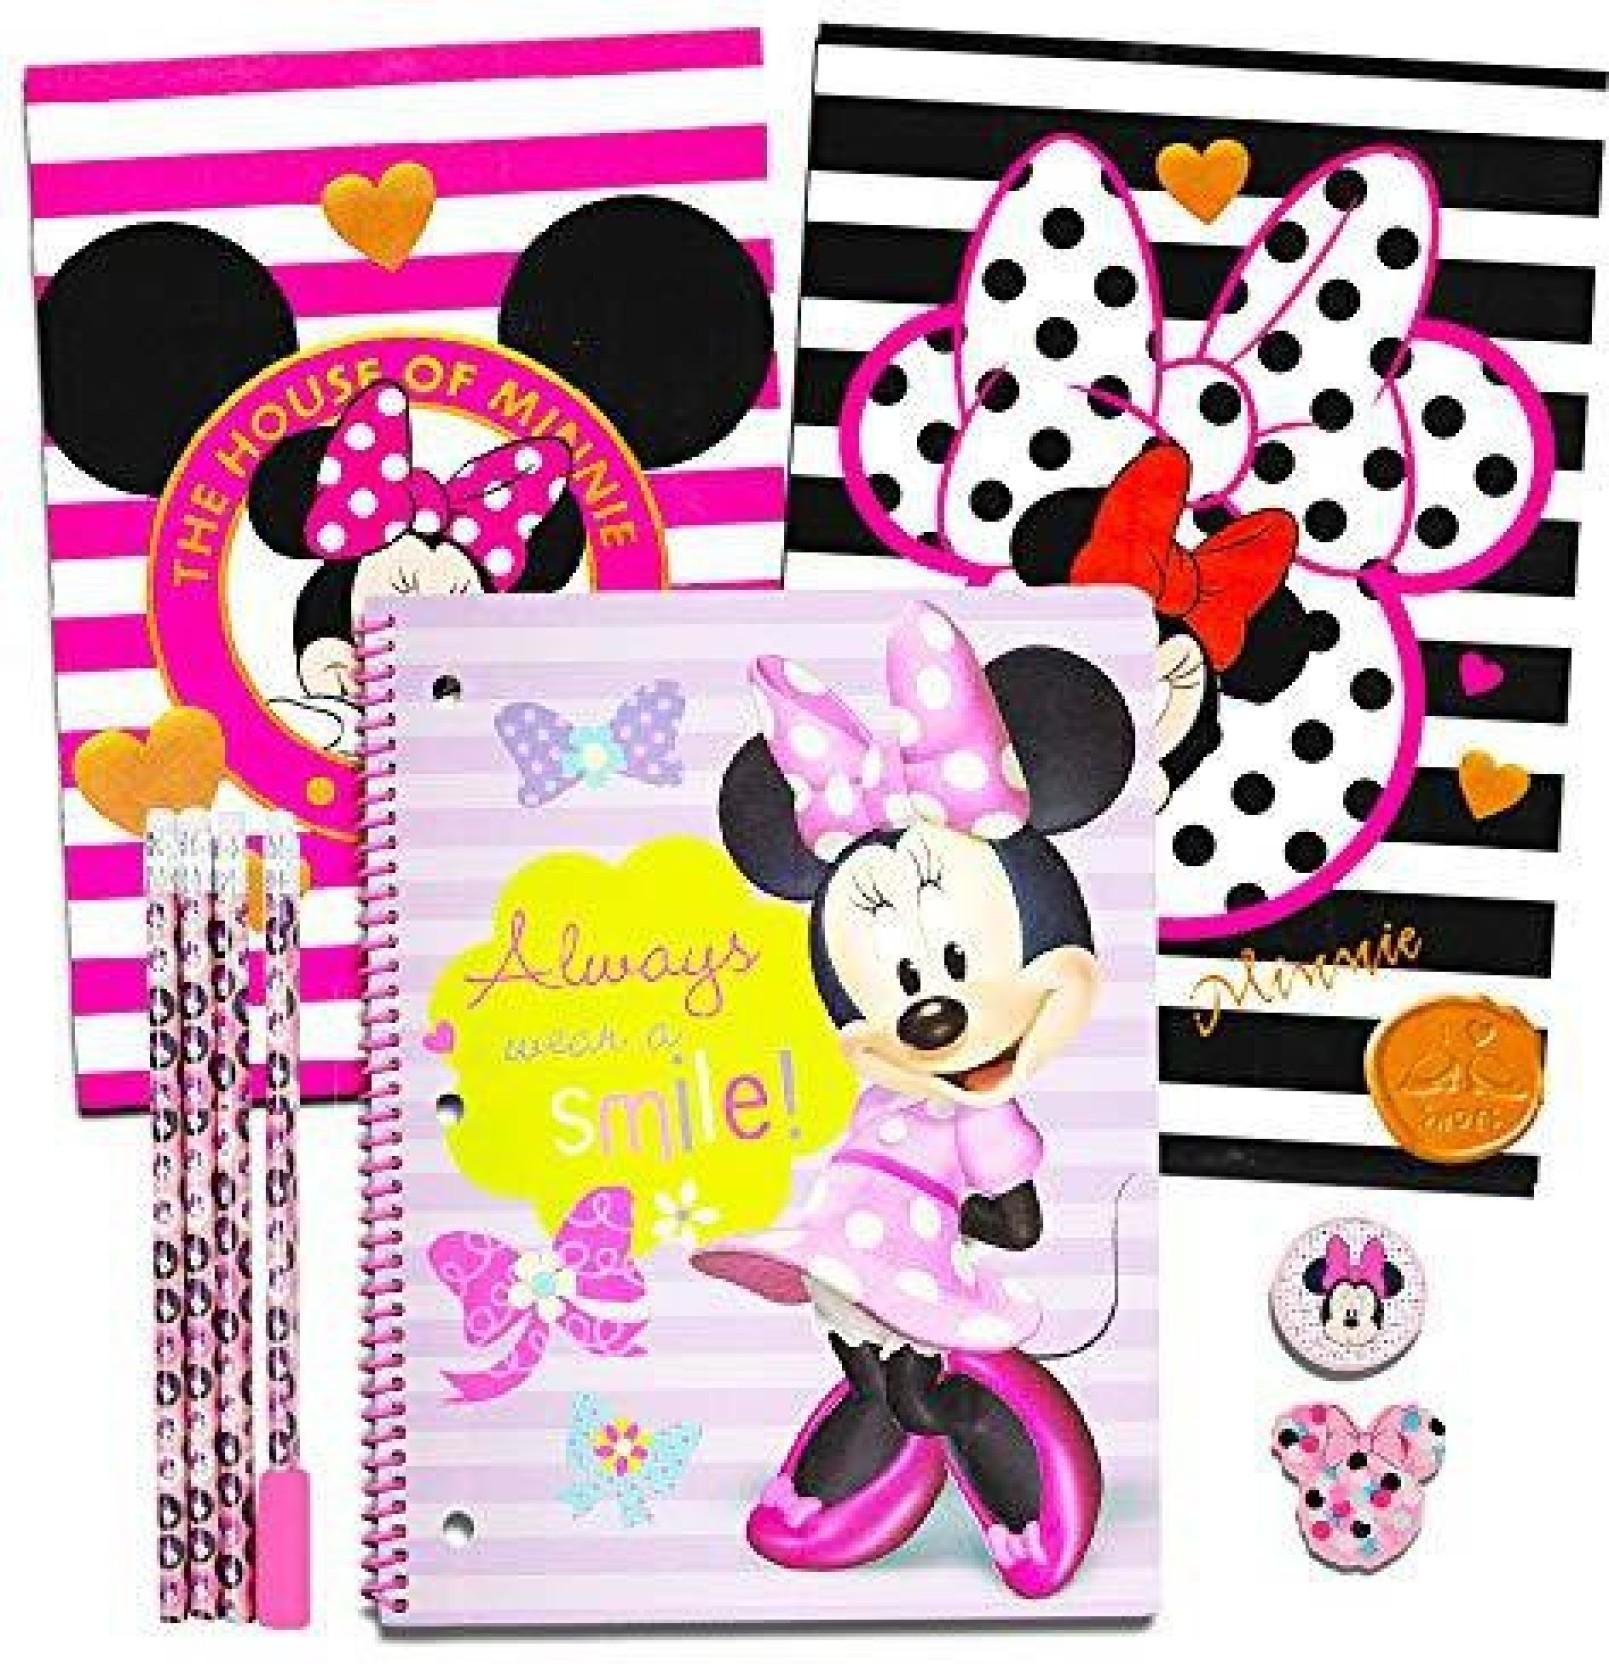 Folder 8 Pack Pencils 3 Items: Spiral Notebook Shopkins School Supplies